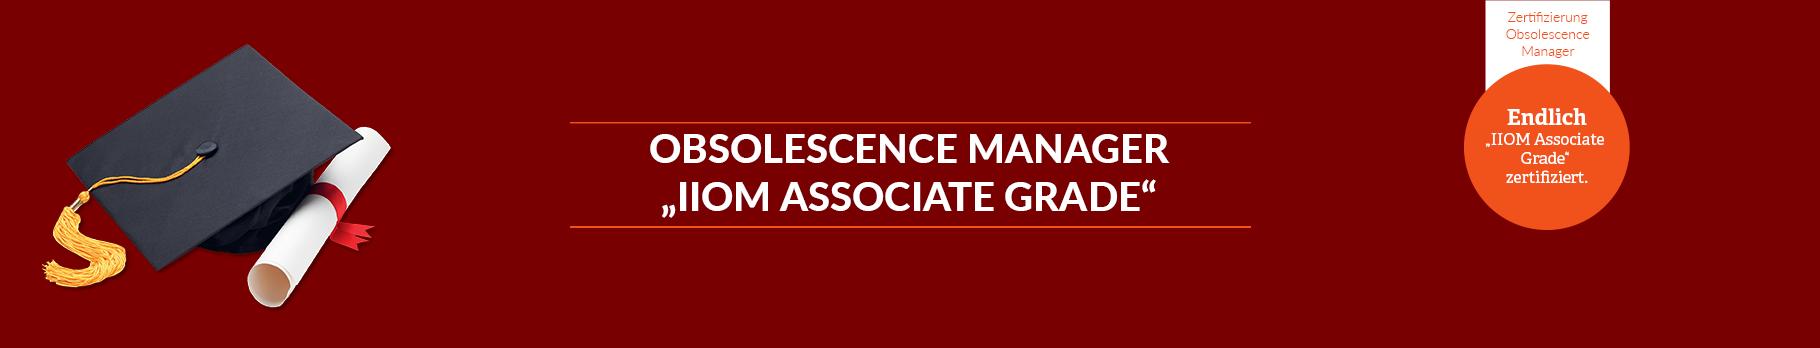 IIOM Zertifizierung Obsolescence Manager